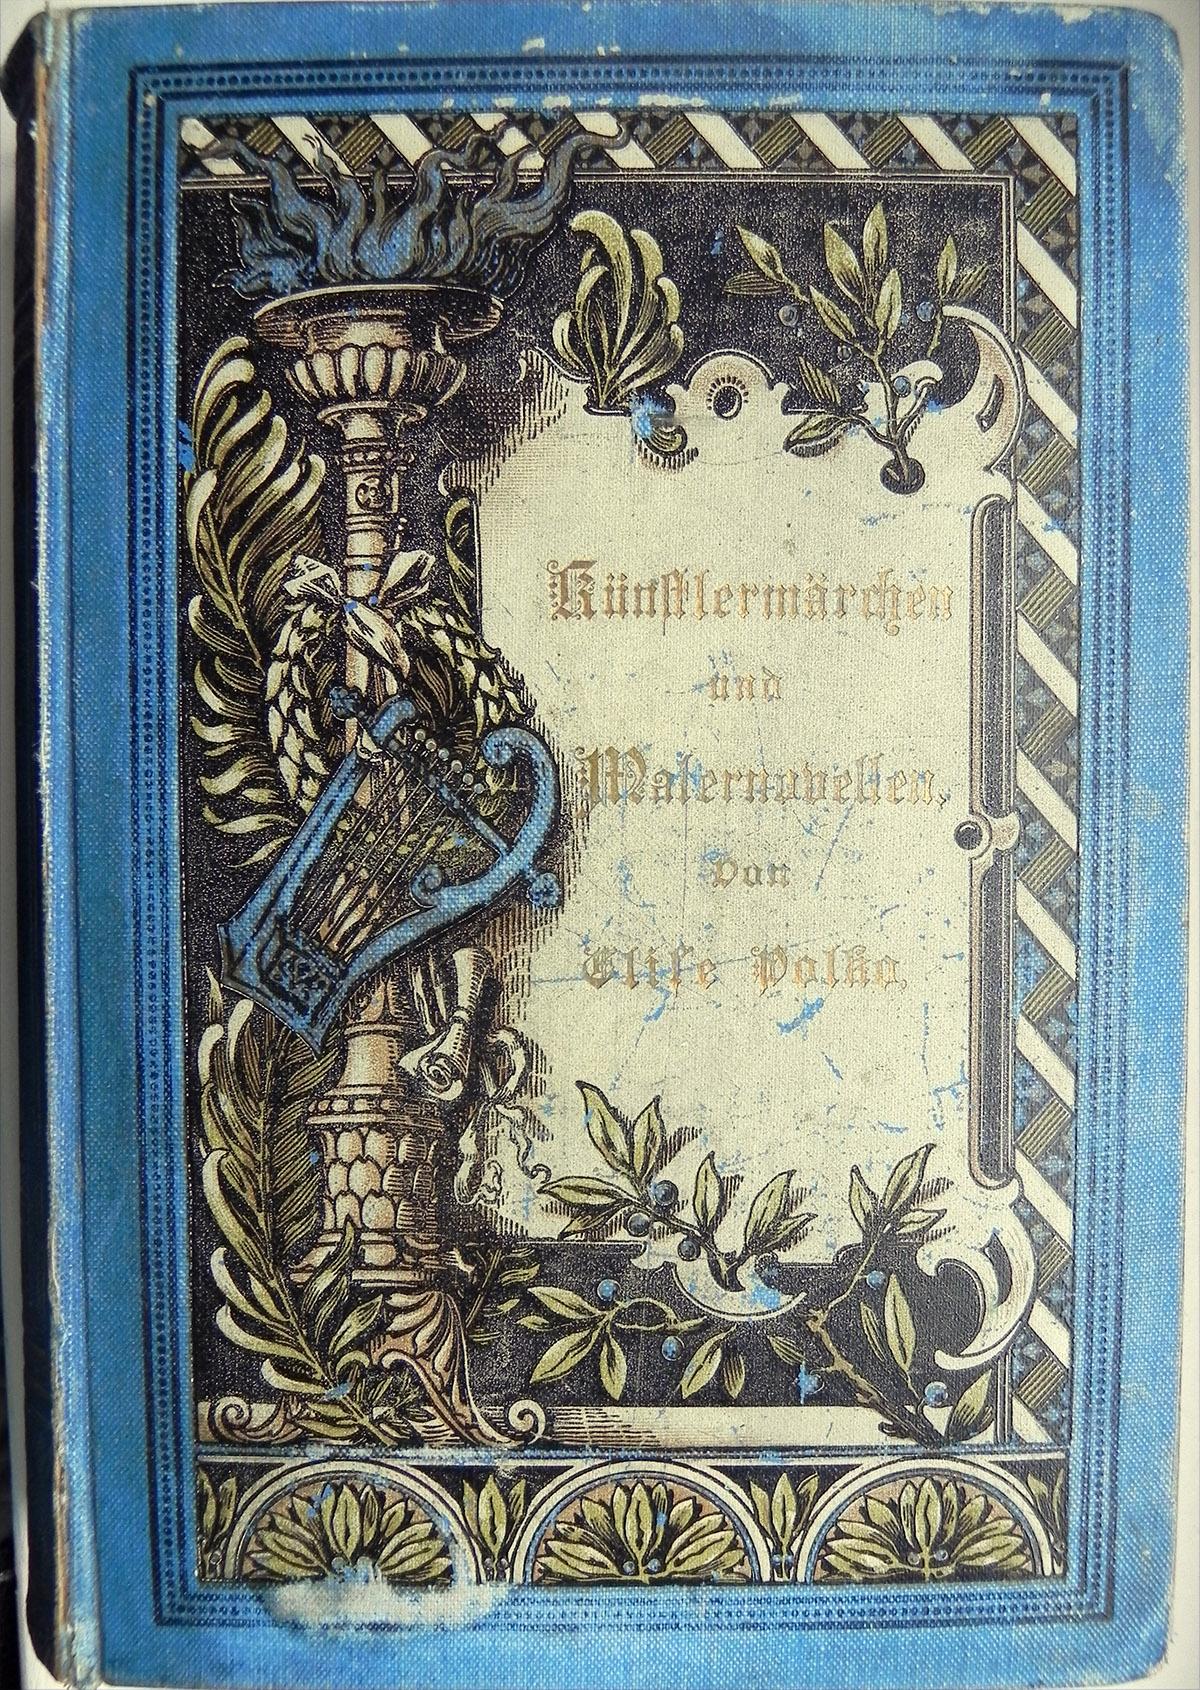 Buch Elise Polko Künstlermaerchen